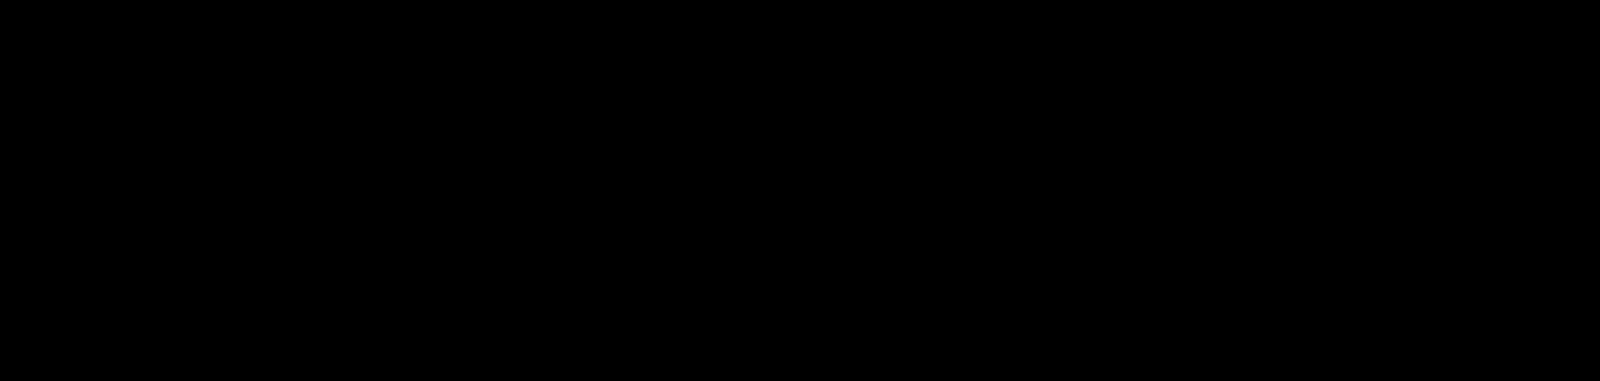 Ritmo 6